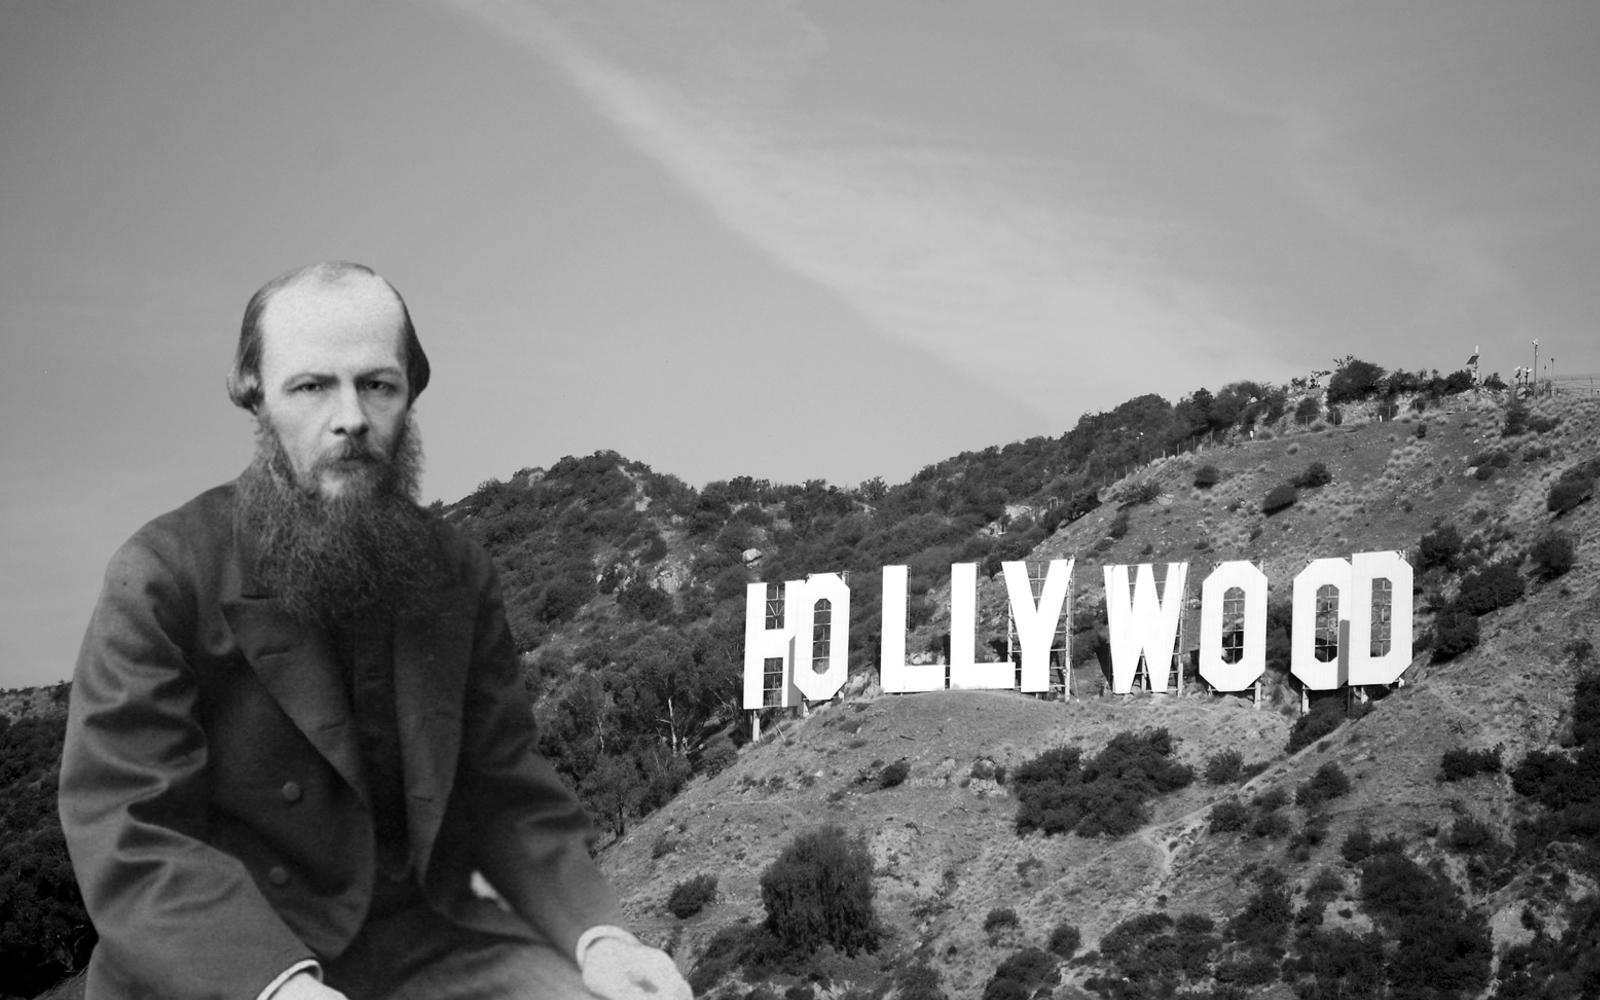 Как Федор Достоевский покорял Голливуд, или книги-фавориты зарубежных звезд